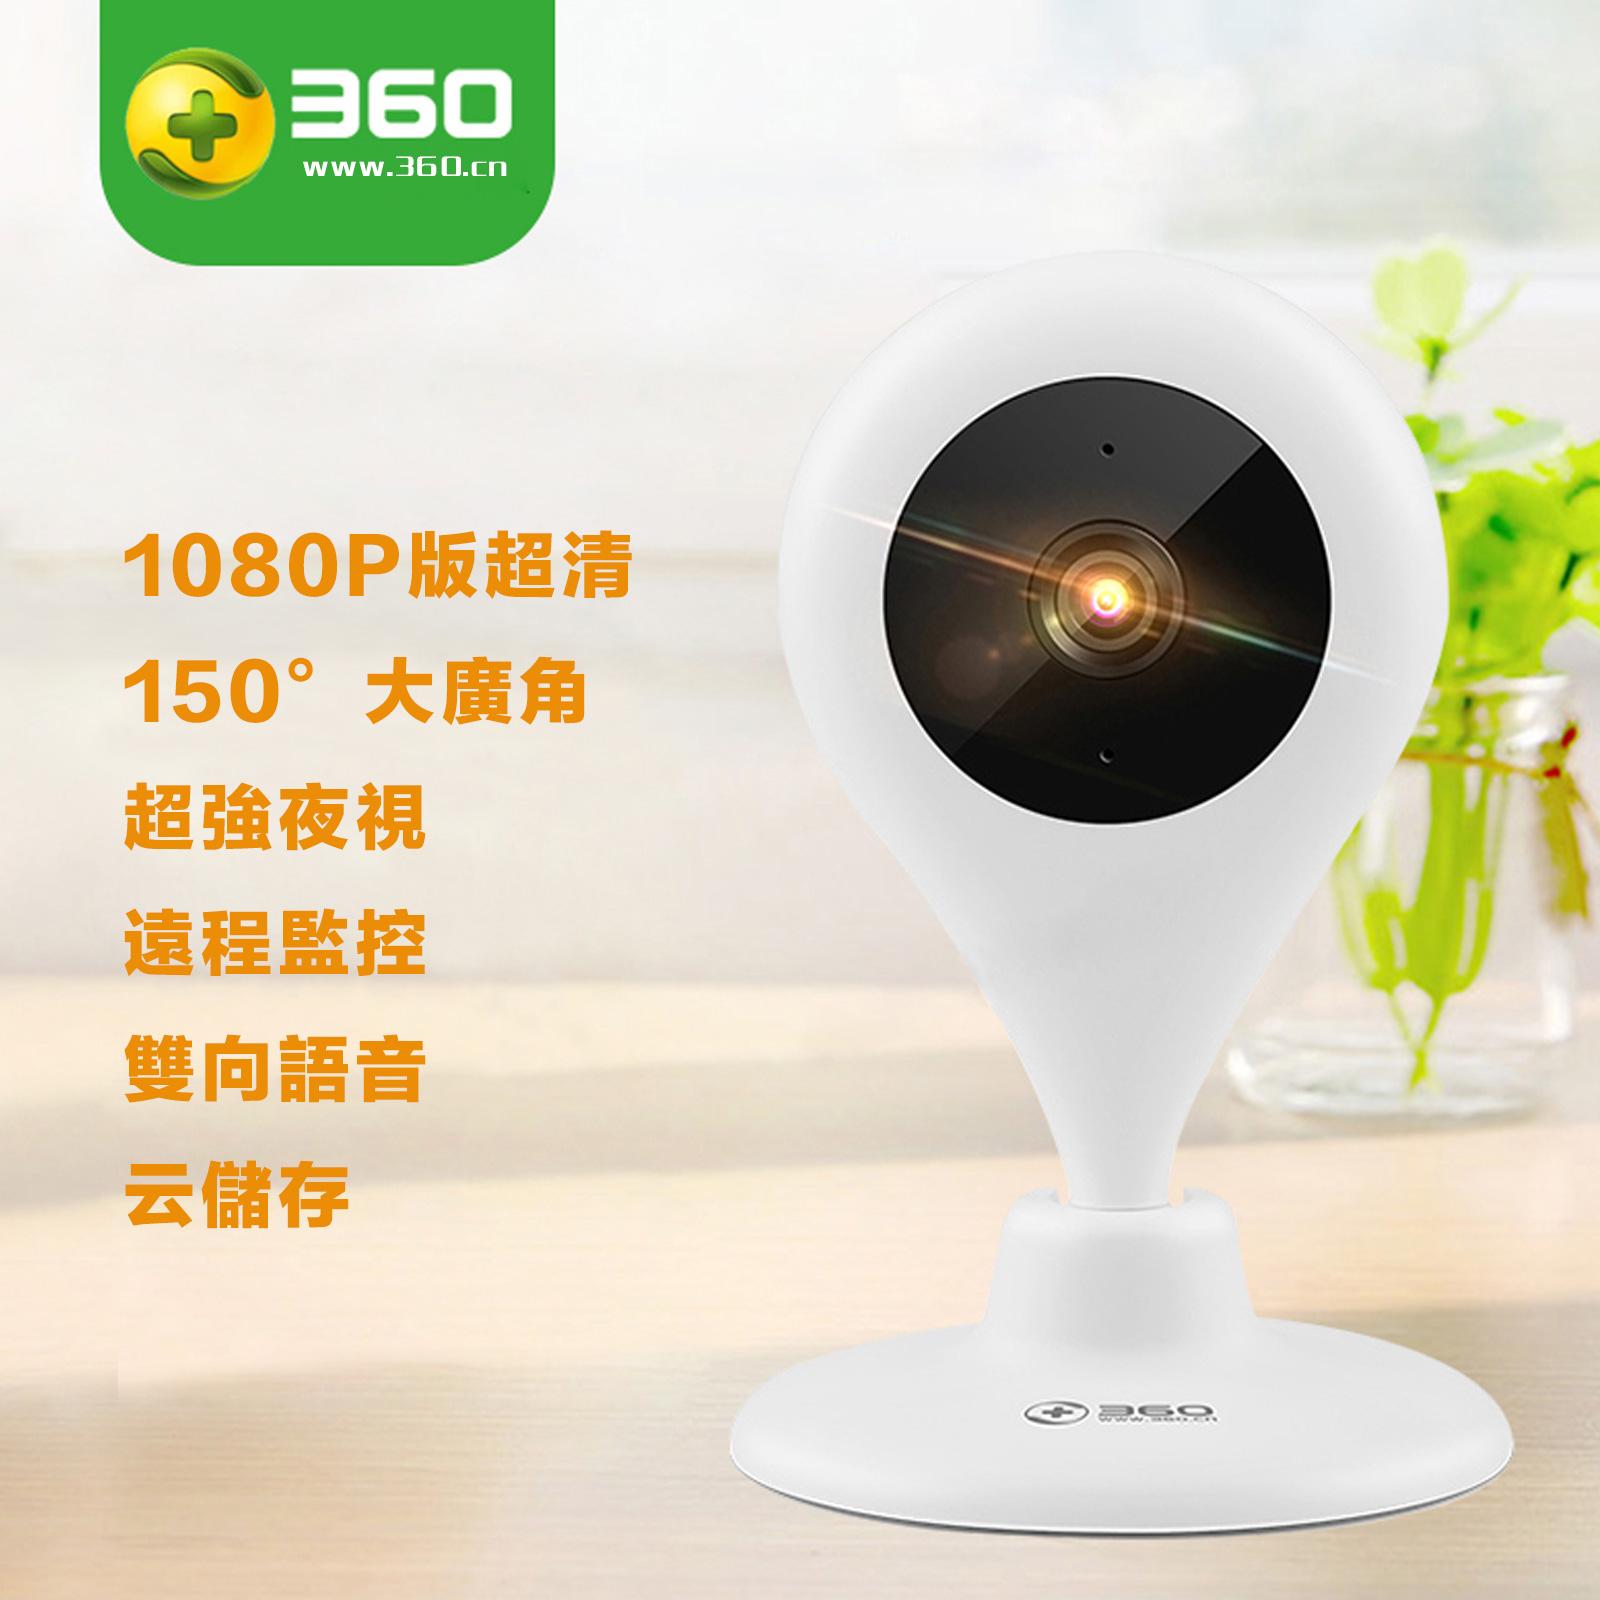 【正品免運】360智能攝影機1080P夜視版監視器攝像機  監控 WiFi 錄影機 高清【O3187】☆雙兒網☆